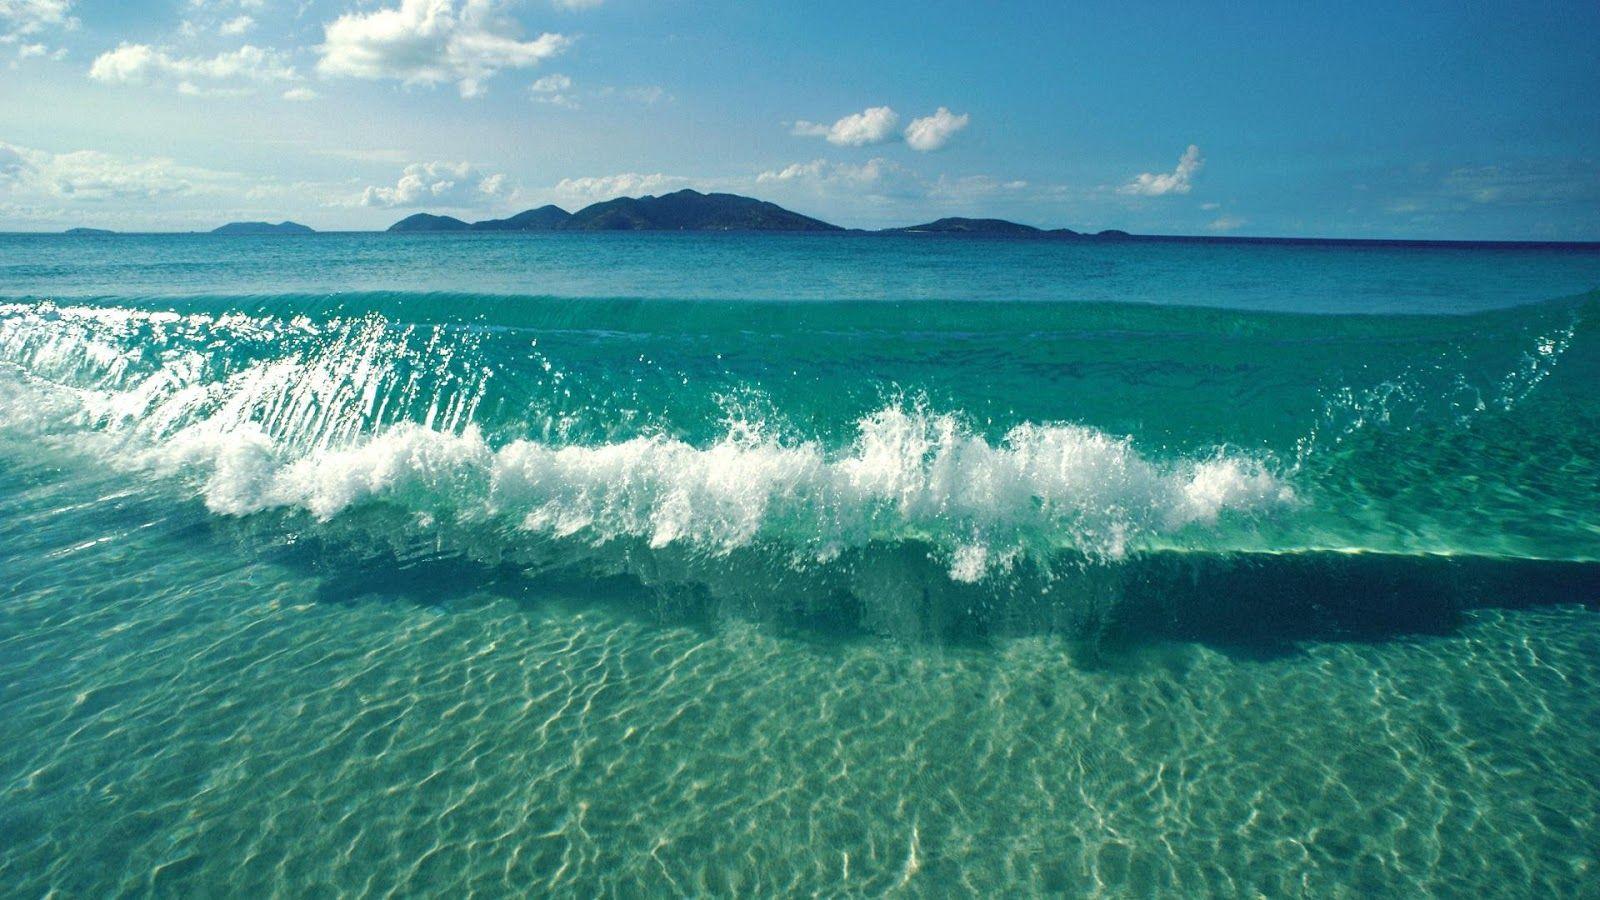 Relaxing Ocean Wallpapers   Top Relaxing Ocean Backgrounds 1600x900